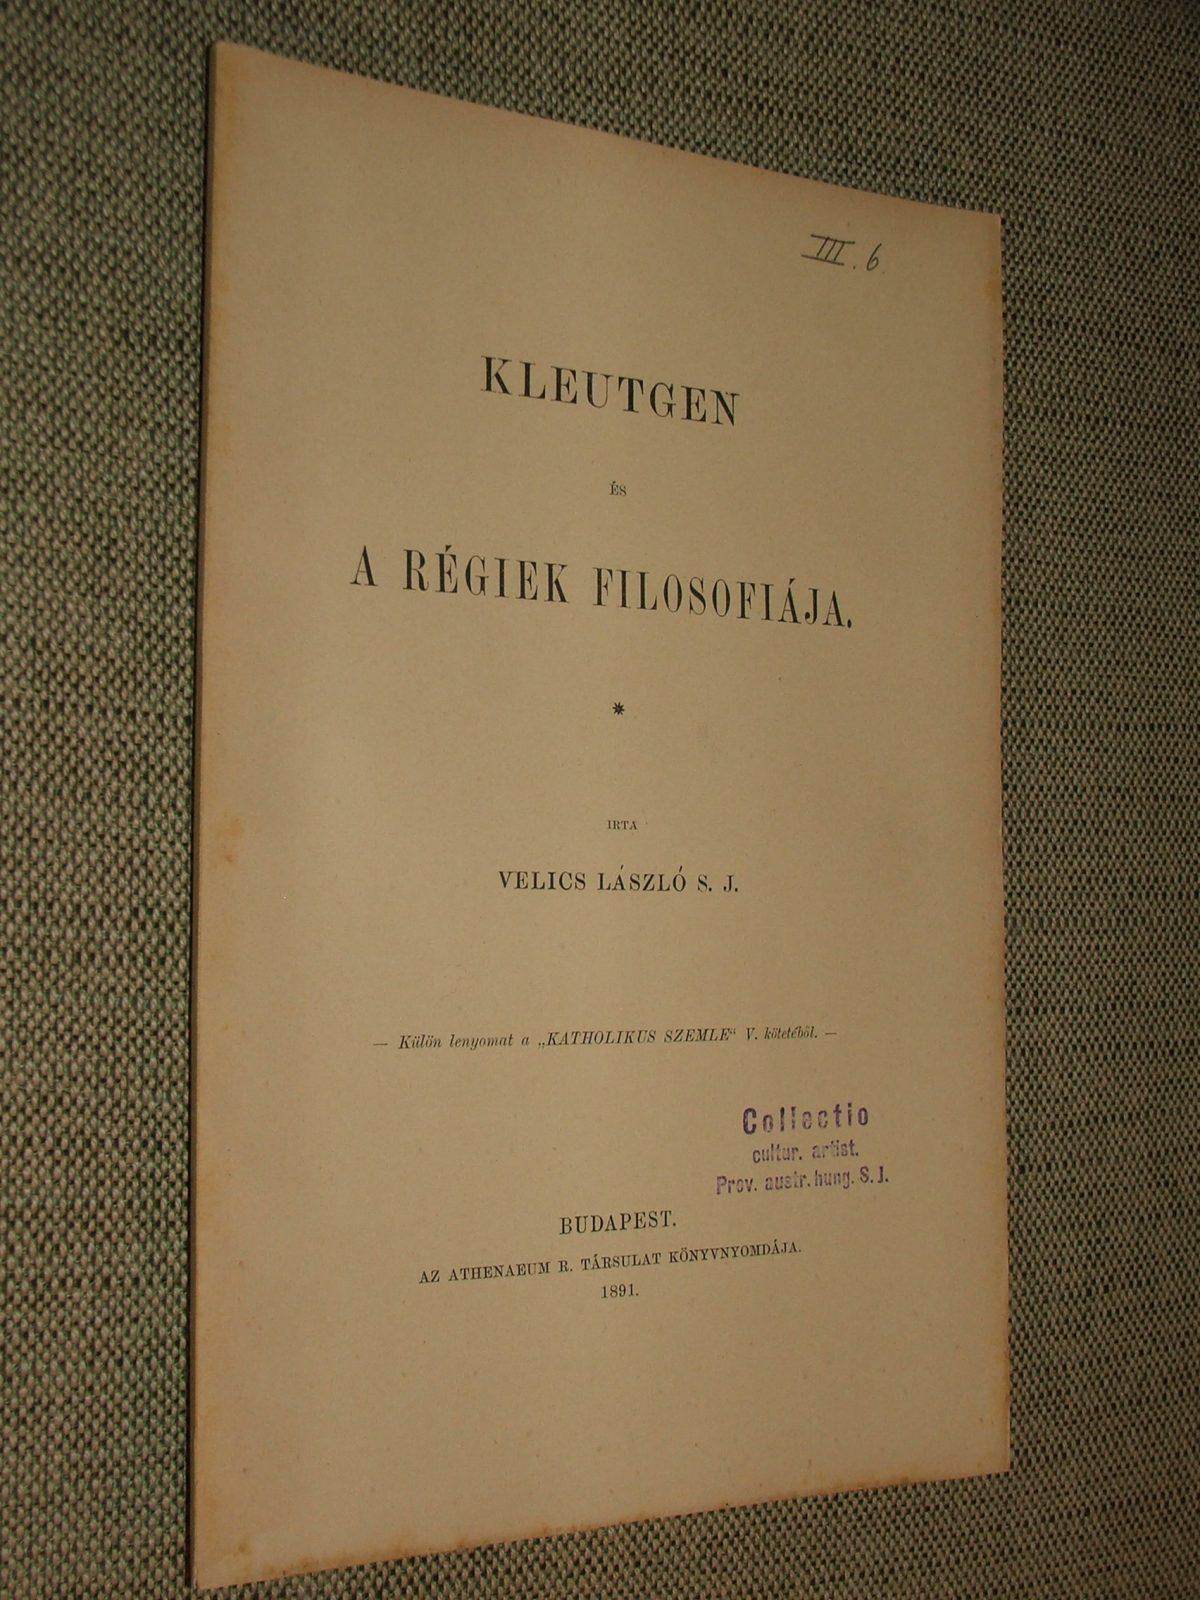 VELICS László: Kleutgen és a régiek filosofiája.